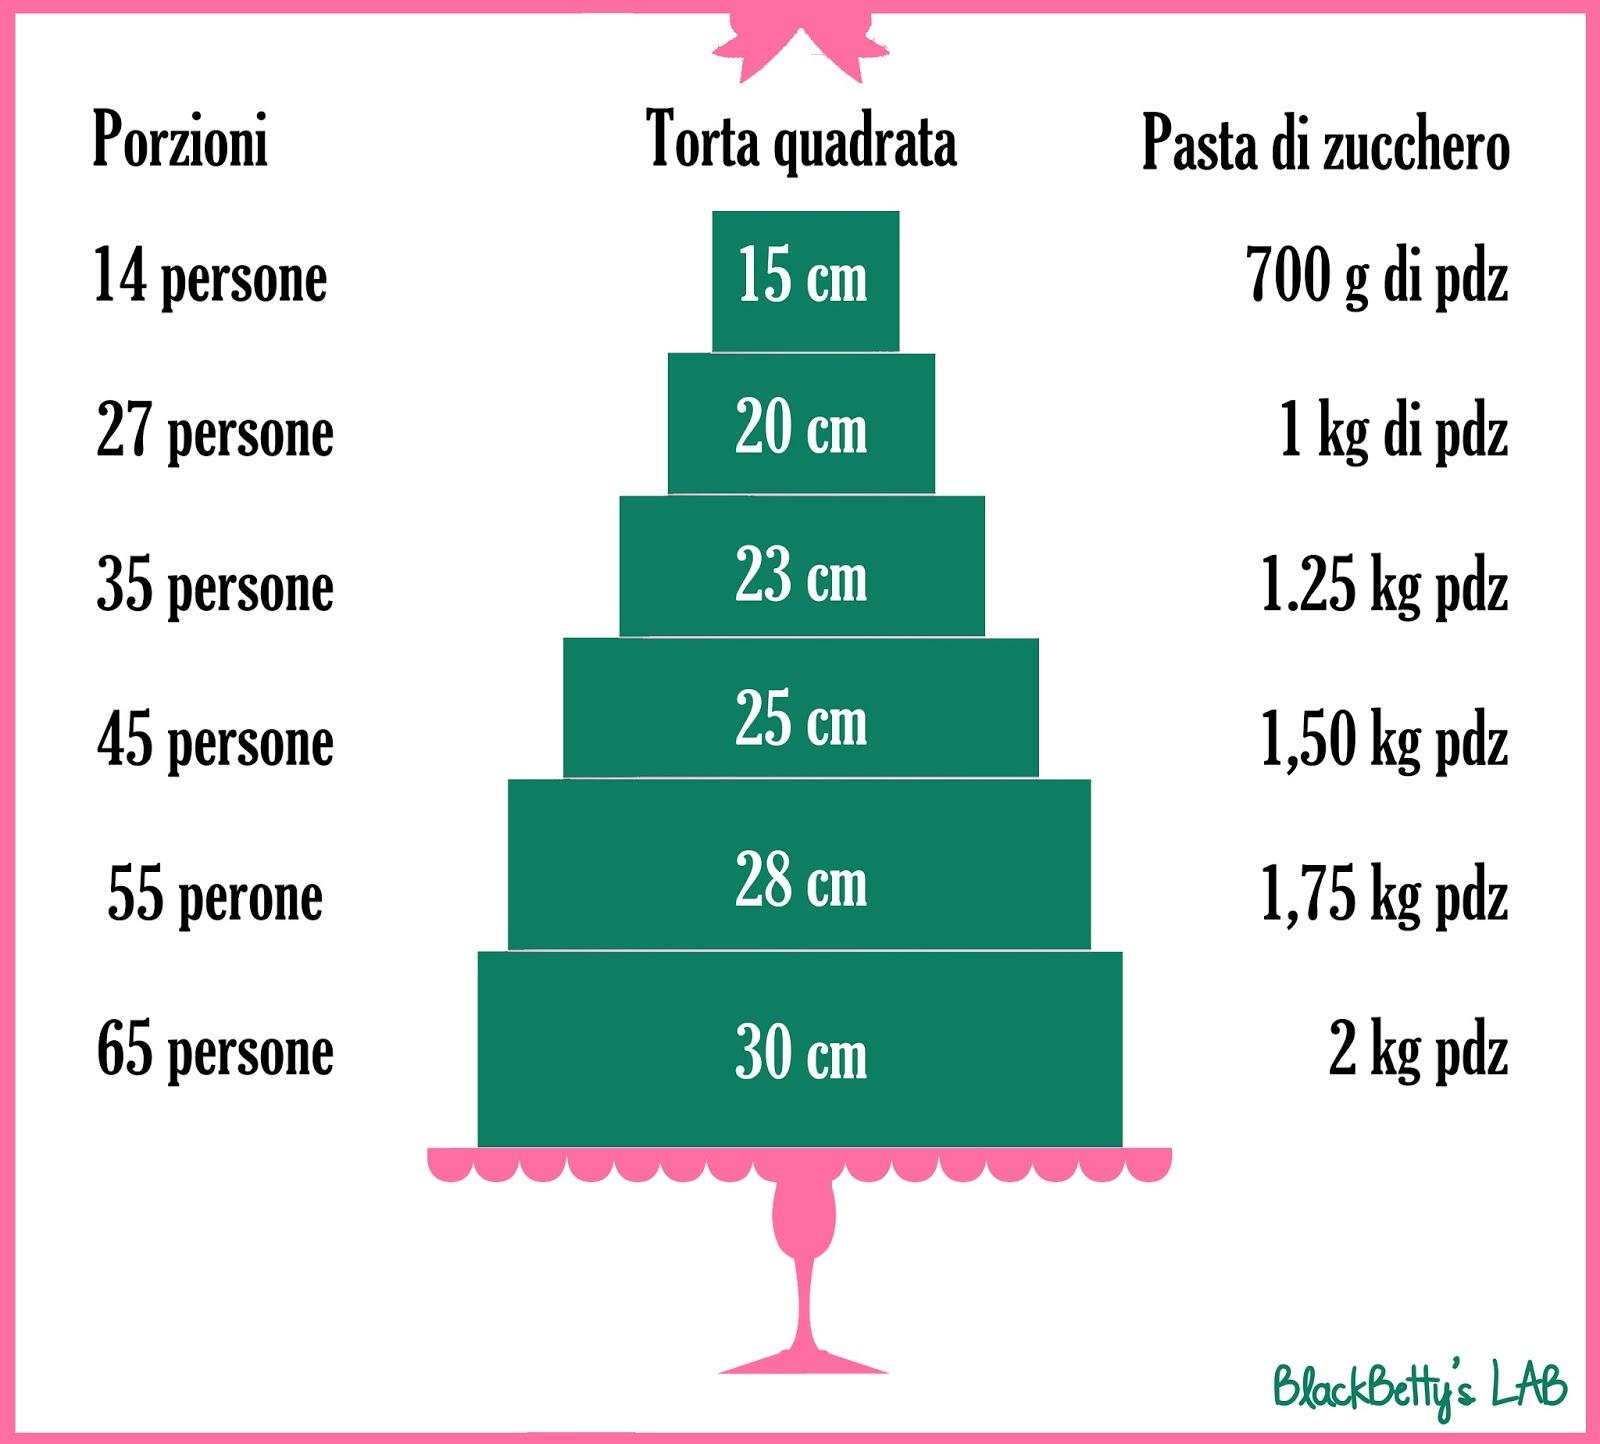 Ricetta Pan Di Spagna Dosi Per 20 Persone.Tabella Proporzioni Pesi Dosaggi Porzioni Delizie Confidenze